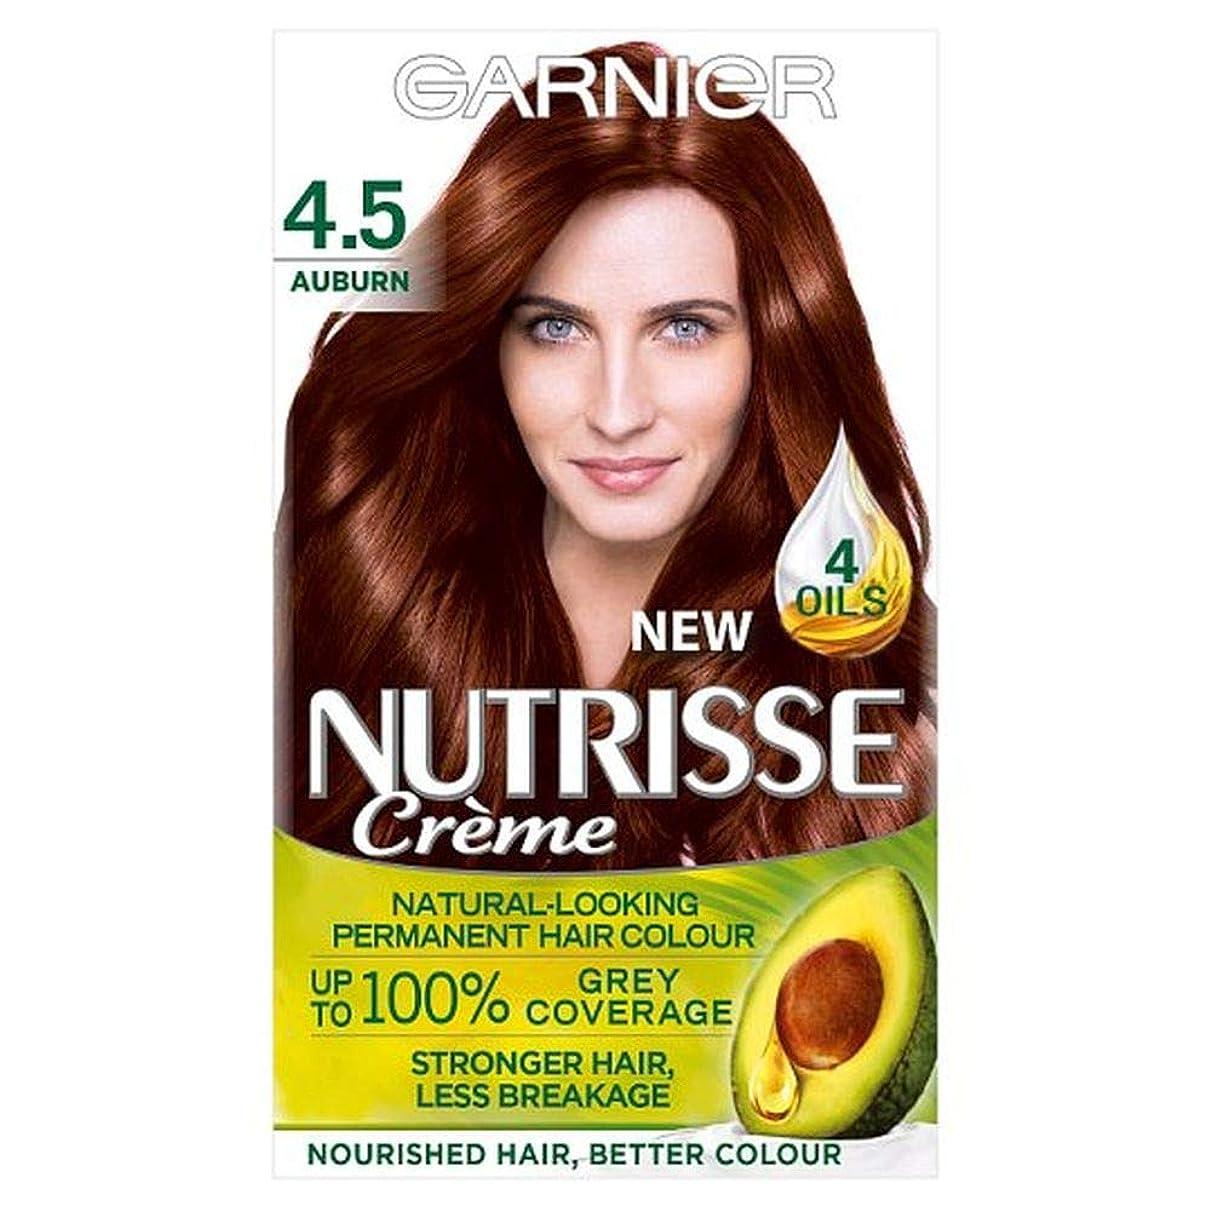 ウナギ説教入手します[Nutrisse] 4.5赤褐色赤のパーマネントヘアダイNutrisseガルニエ - Garnier Nutrisse 4.5 Auburn Red Permanent Hair Dye [並行輸入品]